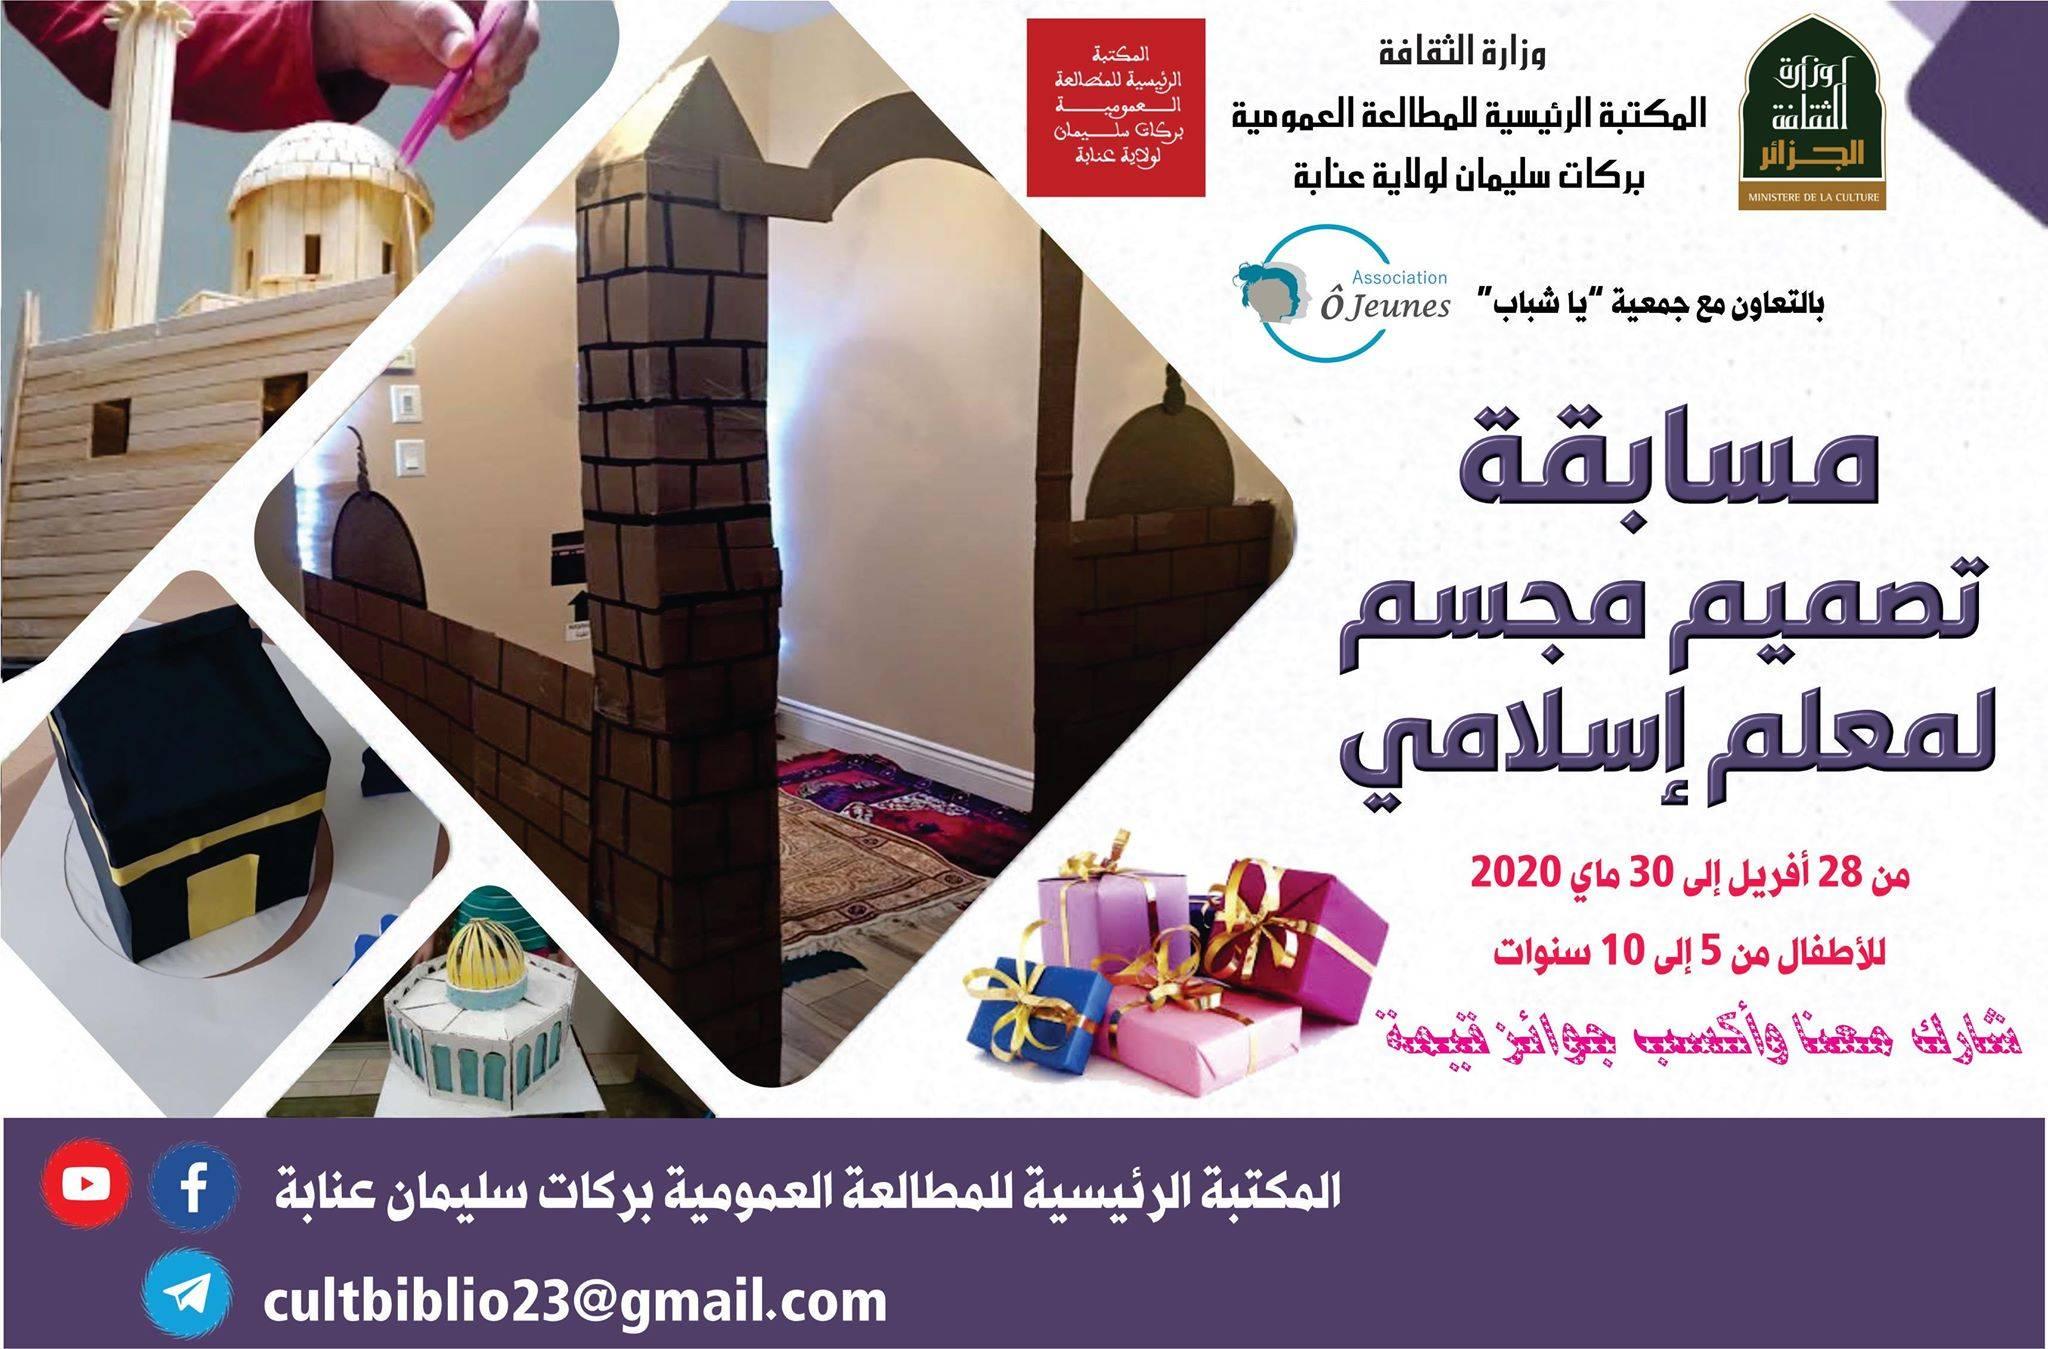 مسابقة تصميم مجسم لمعلم إسلامي - المكتبة الرئيسية للمطالعة العمومية بركات سليمان